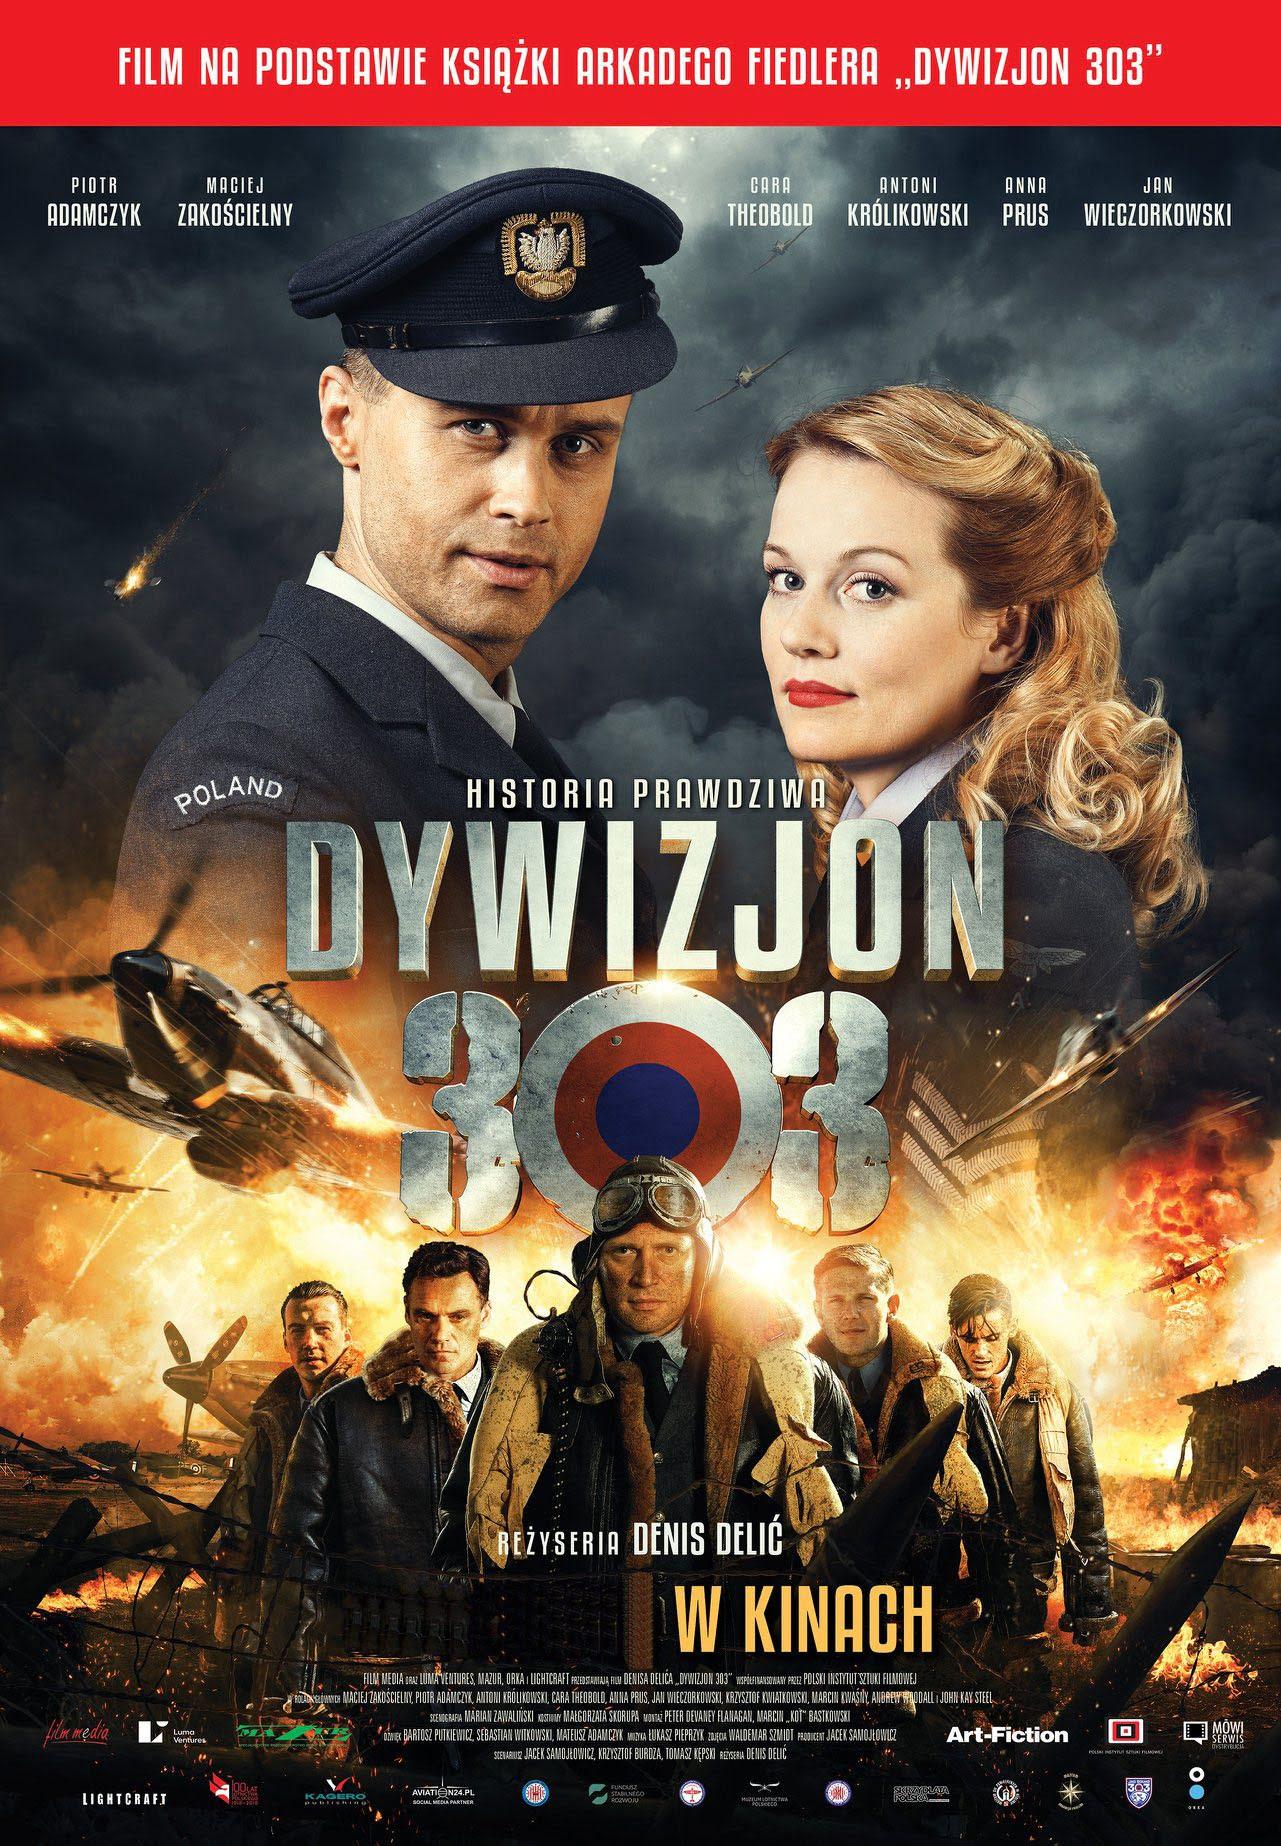 dywizjon-303-historia-prawdziwa-plakat-01.jpg